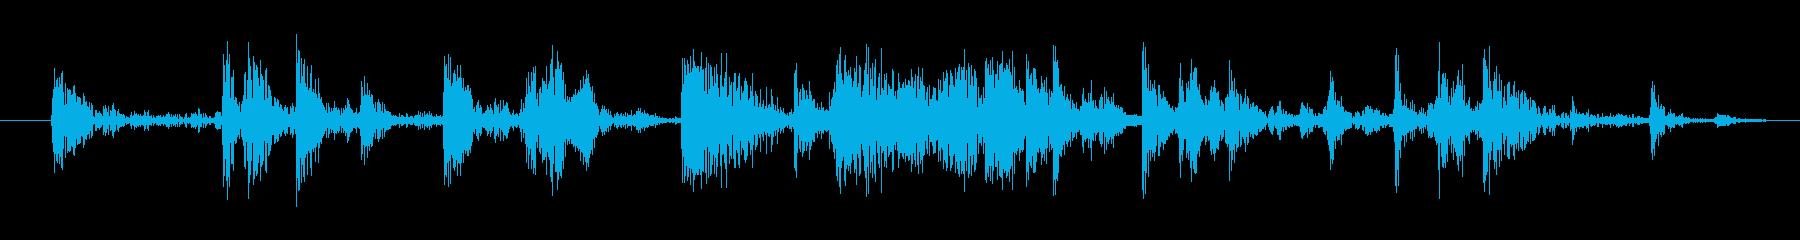 氷を入れる音(カラカラ)の再生済みの波形